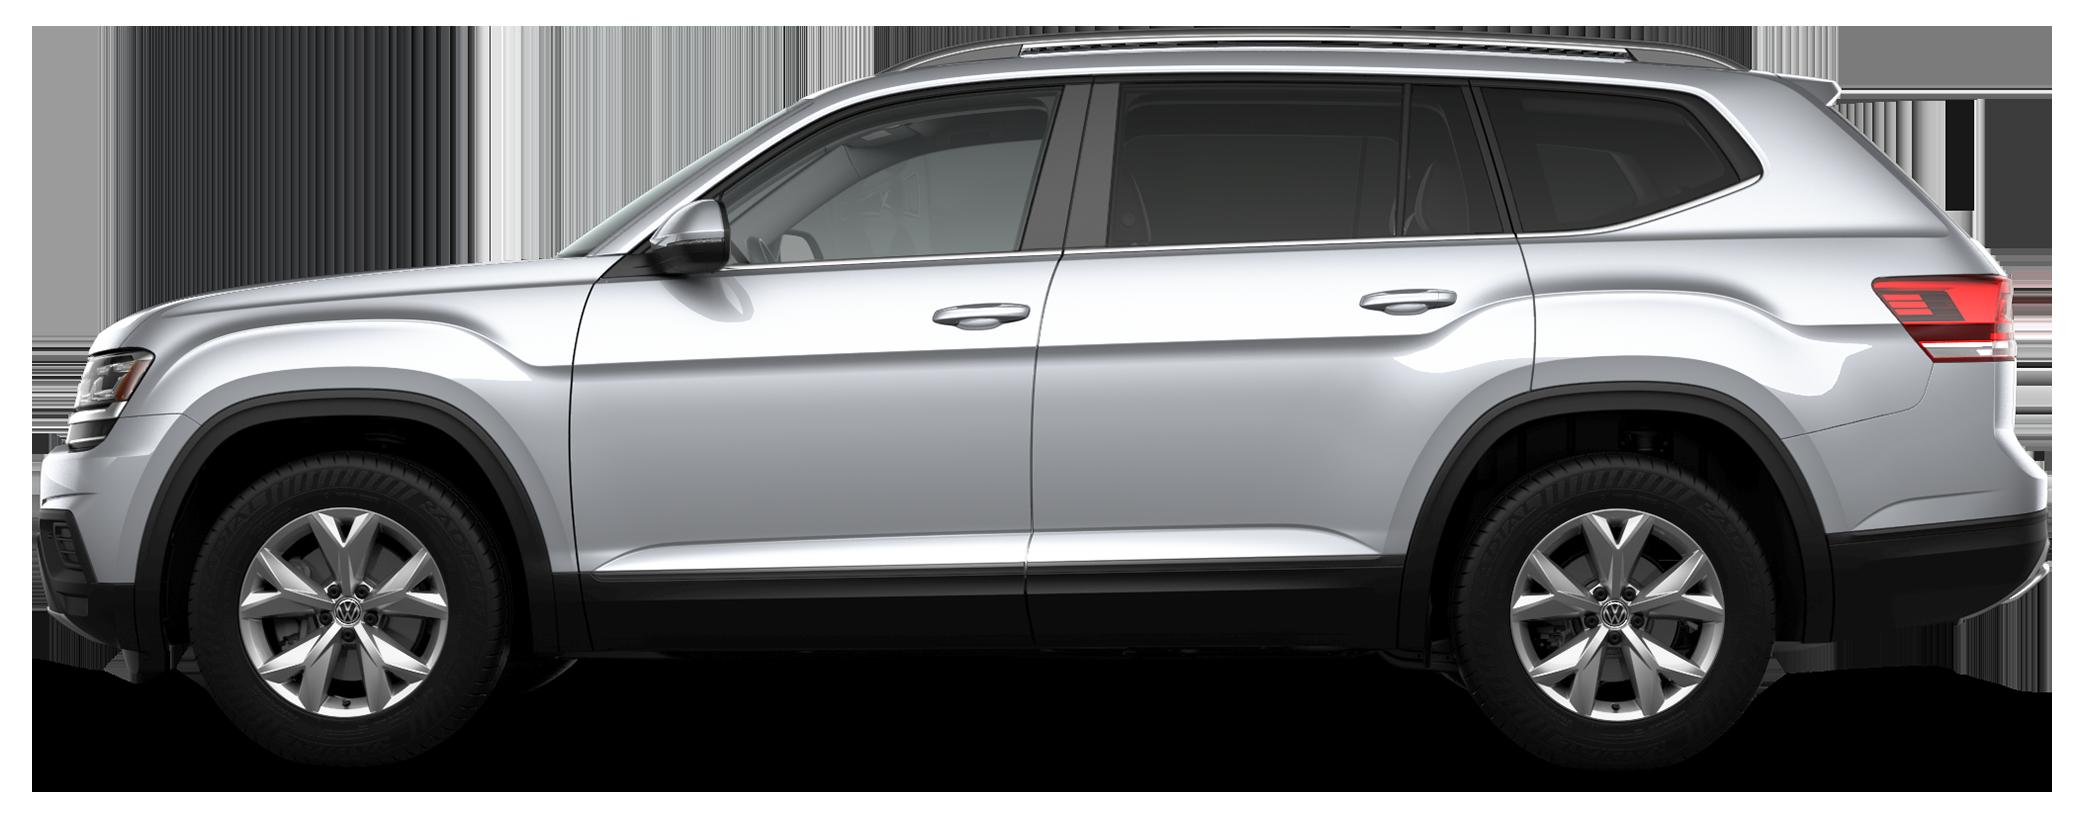 2019 Volkswagen Atlas SUV 3.6L V6 S 4MOTION